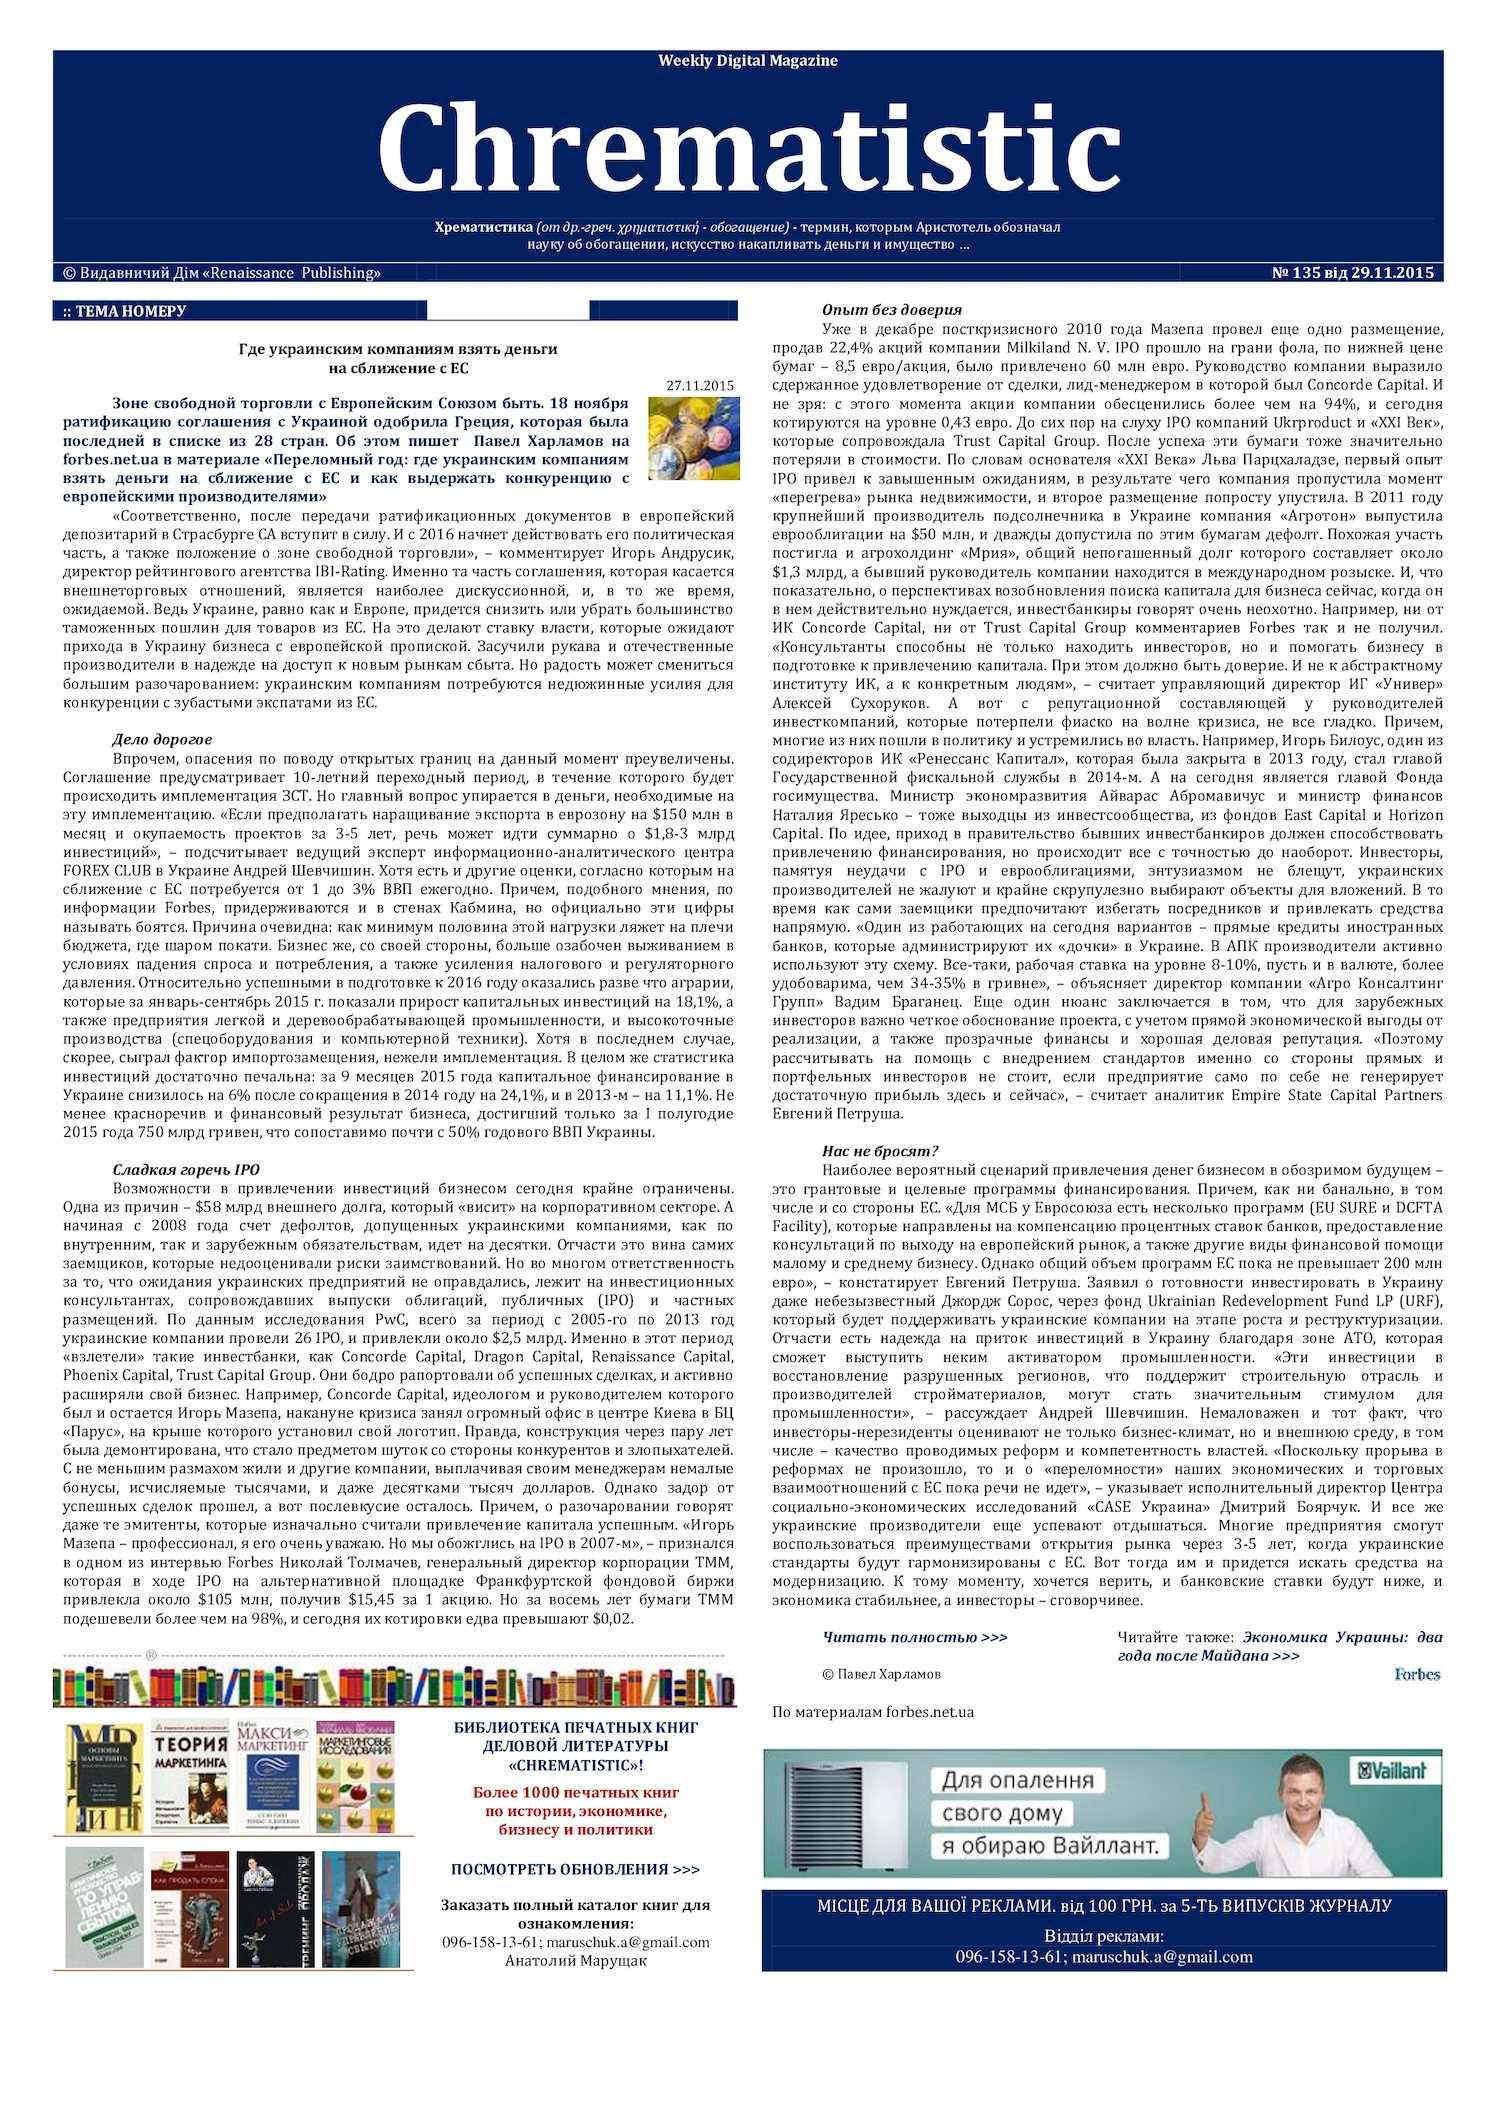 Calaméo - №135 Wdm «Chrematistic» от 29 11 2015 975fb697f5fcb